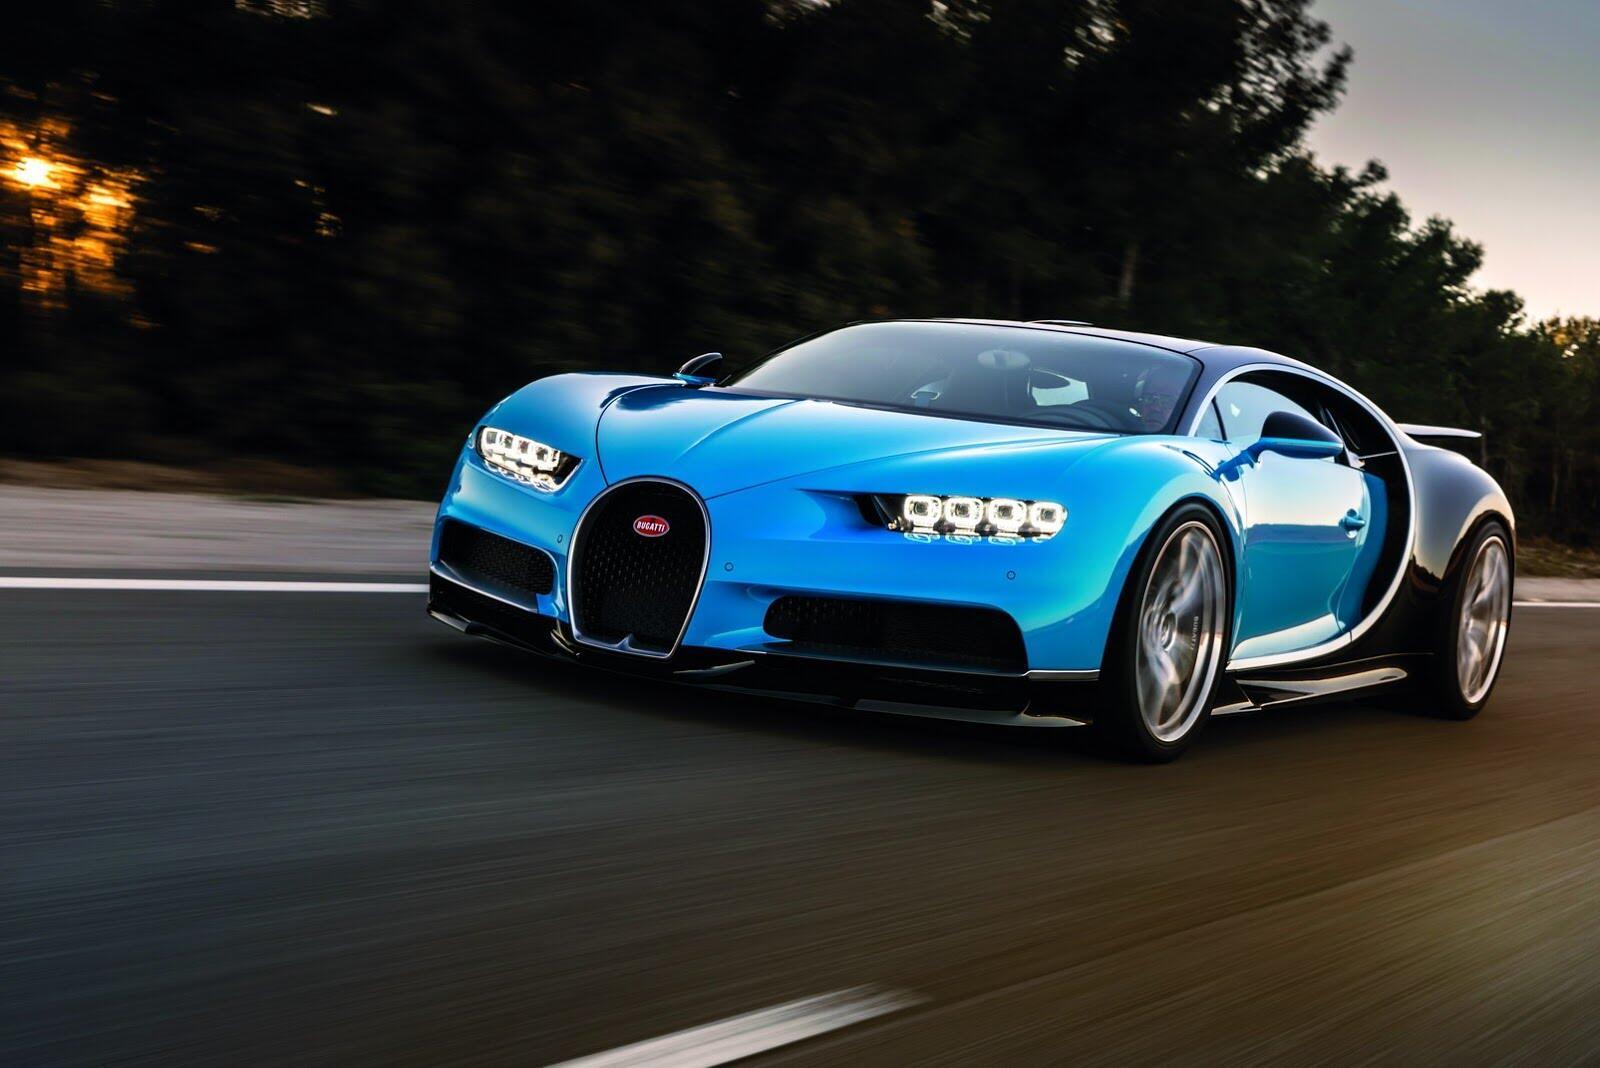 Siêu xe tiếp theo của Bugatti sẽ chạy điện - Hình 4